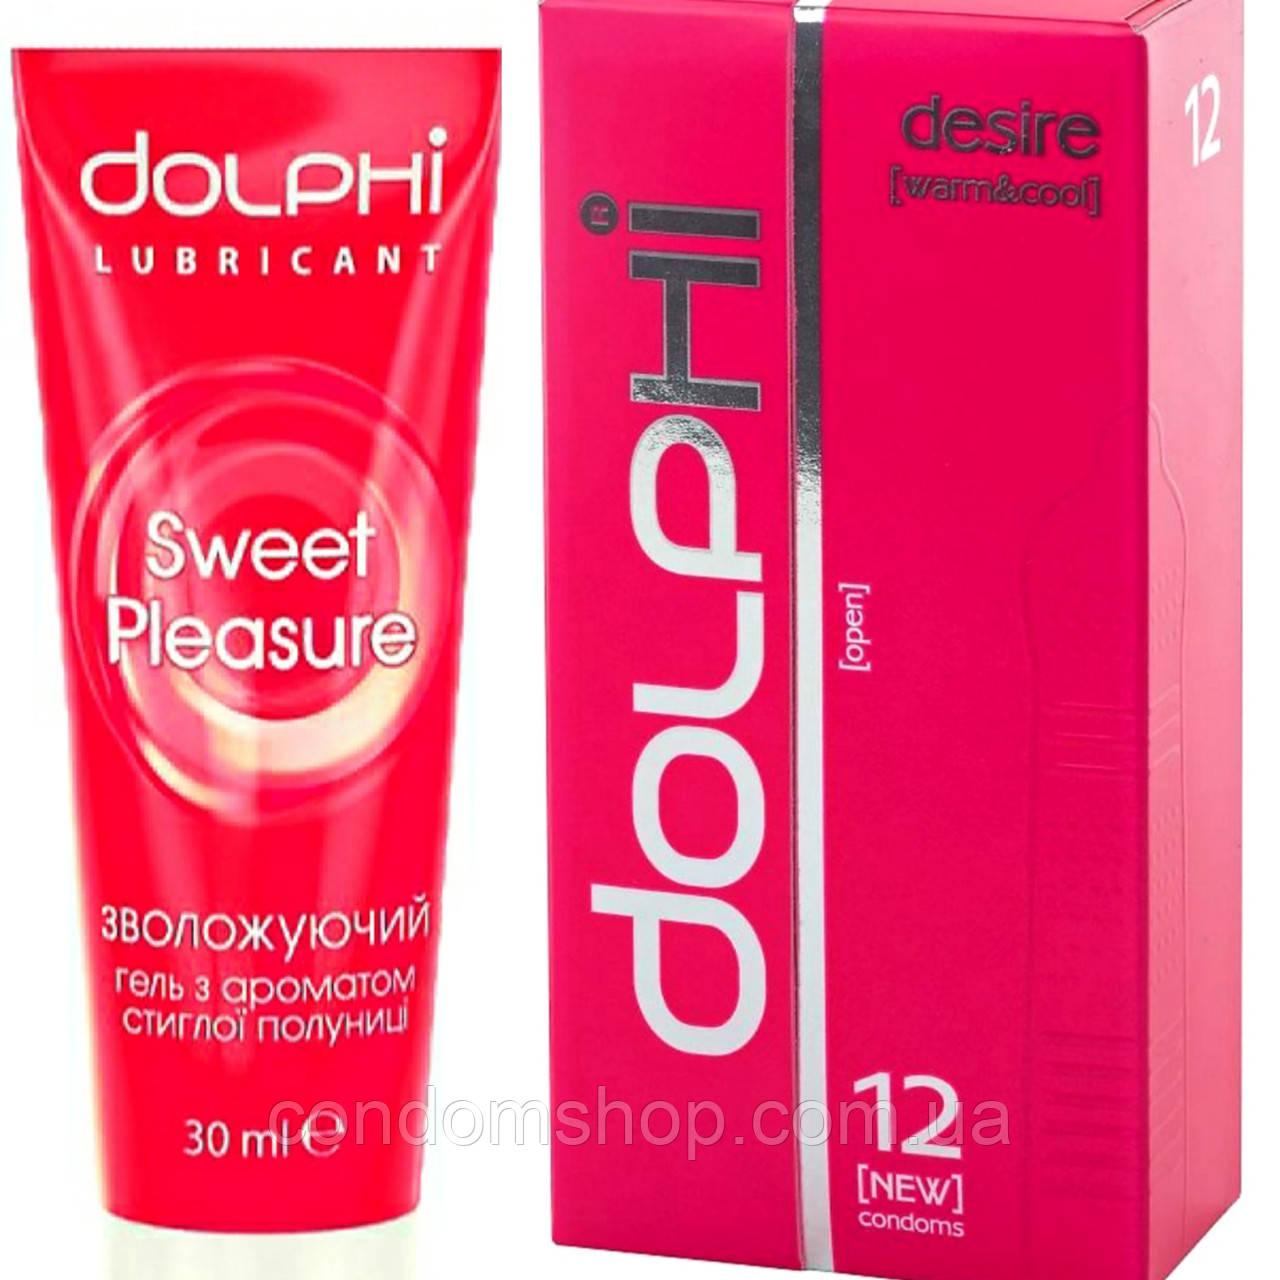 """Набор Dolphi Lux  ,,Двойное удовольствие"""":презервативы Dolphi Desire(2в 1)+ гель-смазка Dolphi sweet pleasure"""